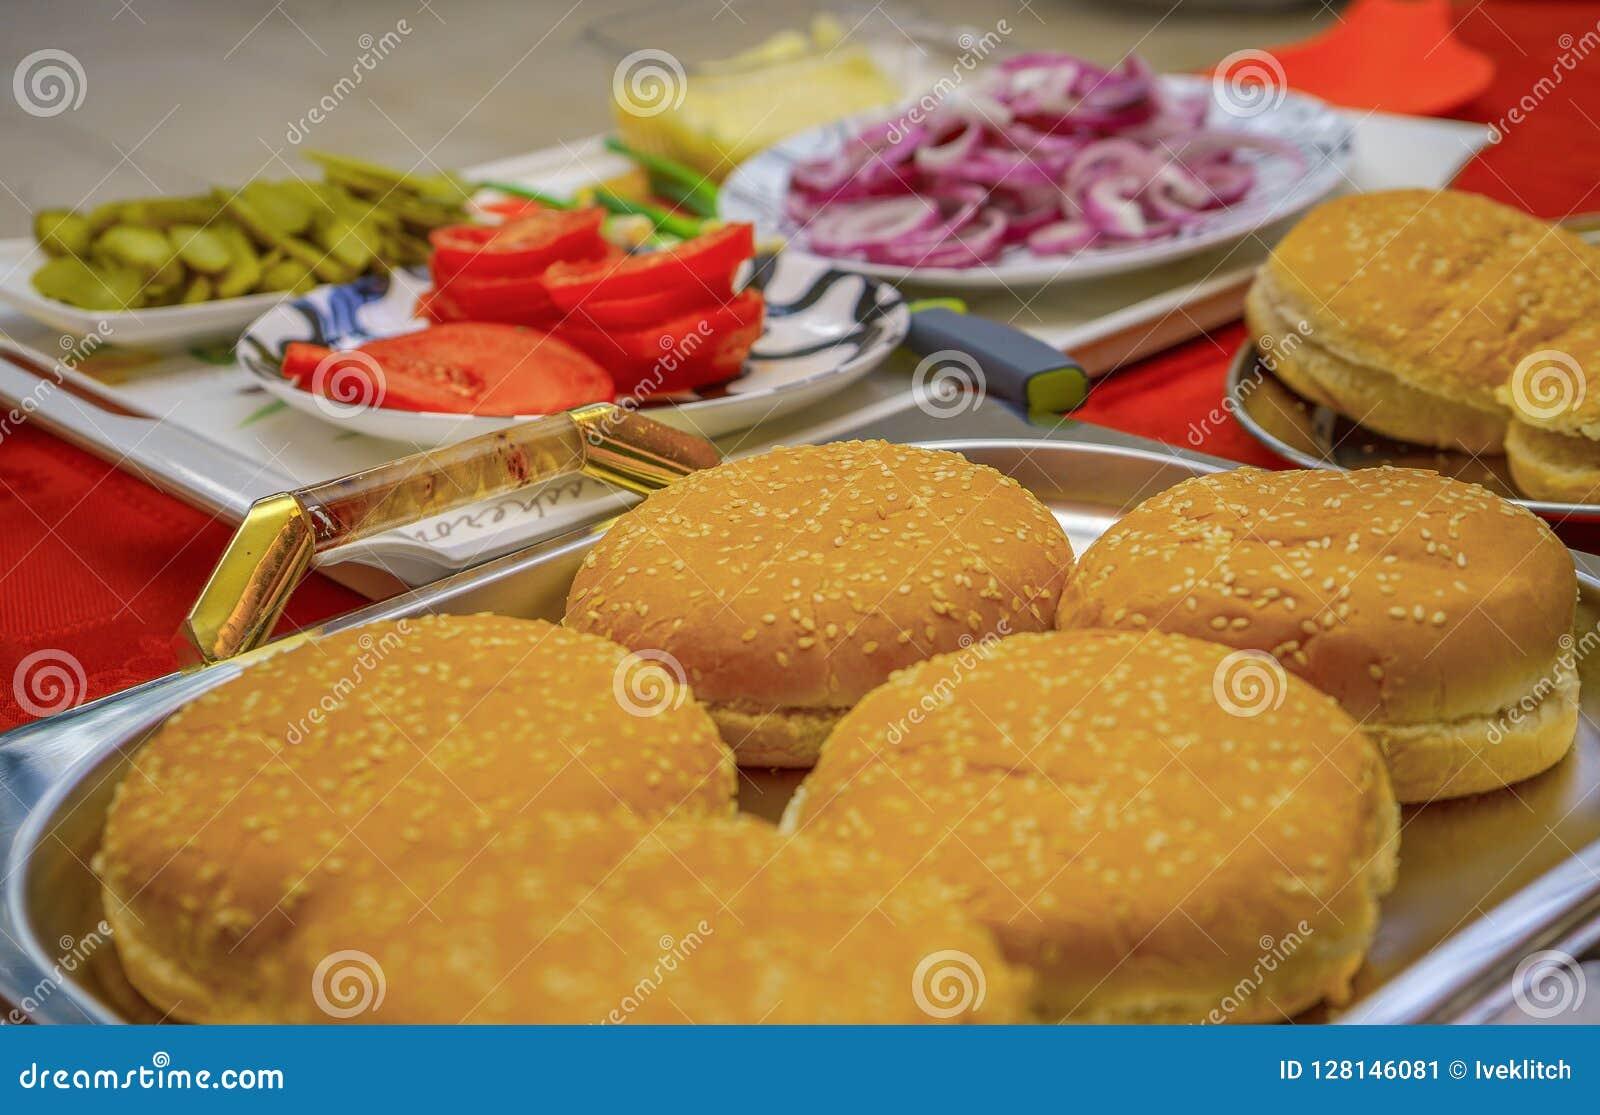 Eigengemaakte die hamburgeringrediënten op dienblad en platen in openlucht worden geschikt Ui, gezouten komkommers, kersentomaten